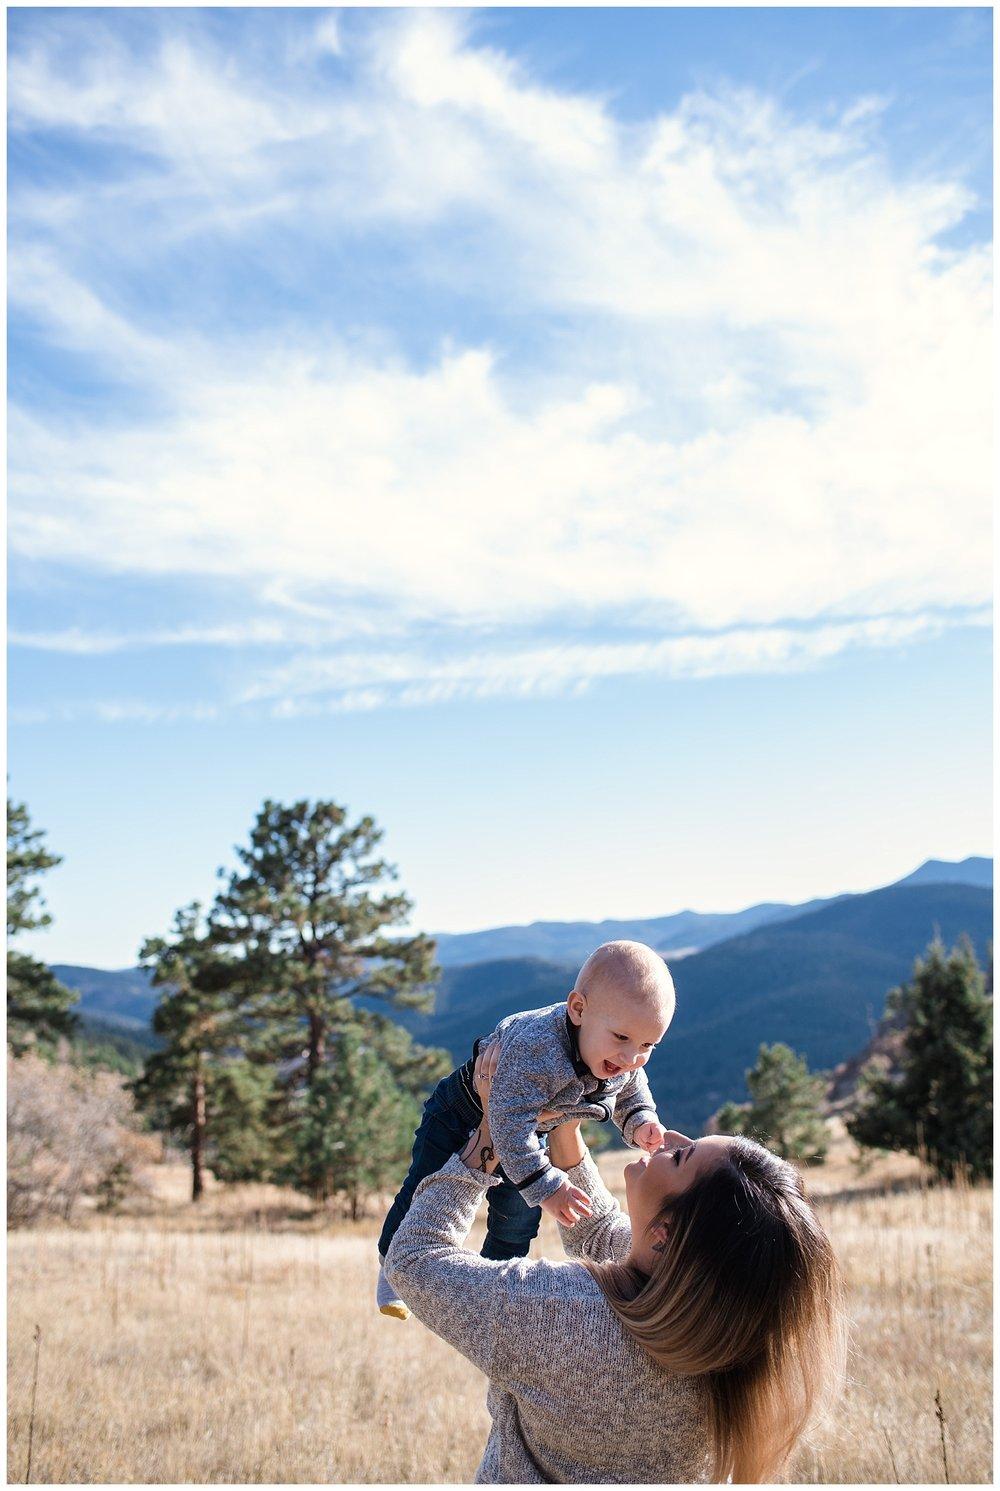 mountain family photos, photos at mt falcon, denver family photographer, colorado family photographer, Colorado Wedding Photographer, Downtown Denver Engagement Photographer, denver area photographers, family photos in colorado, family photo locations denver,